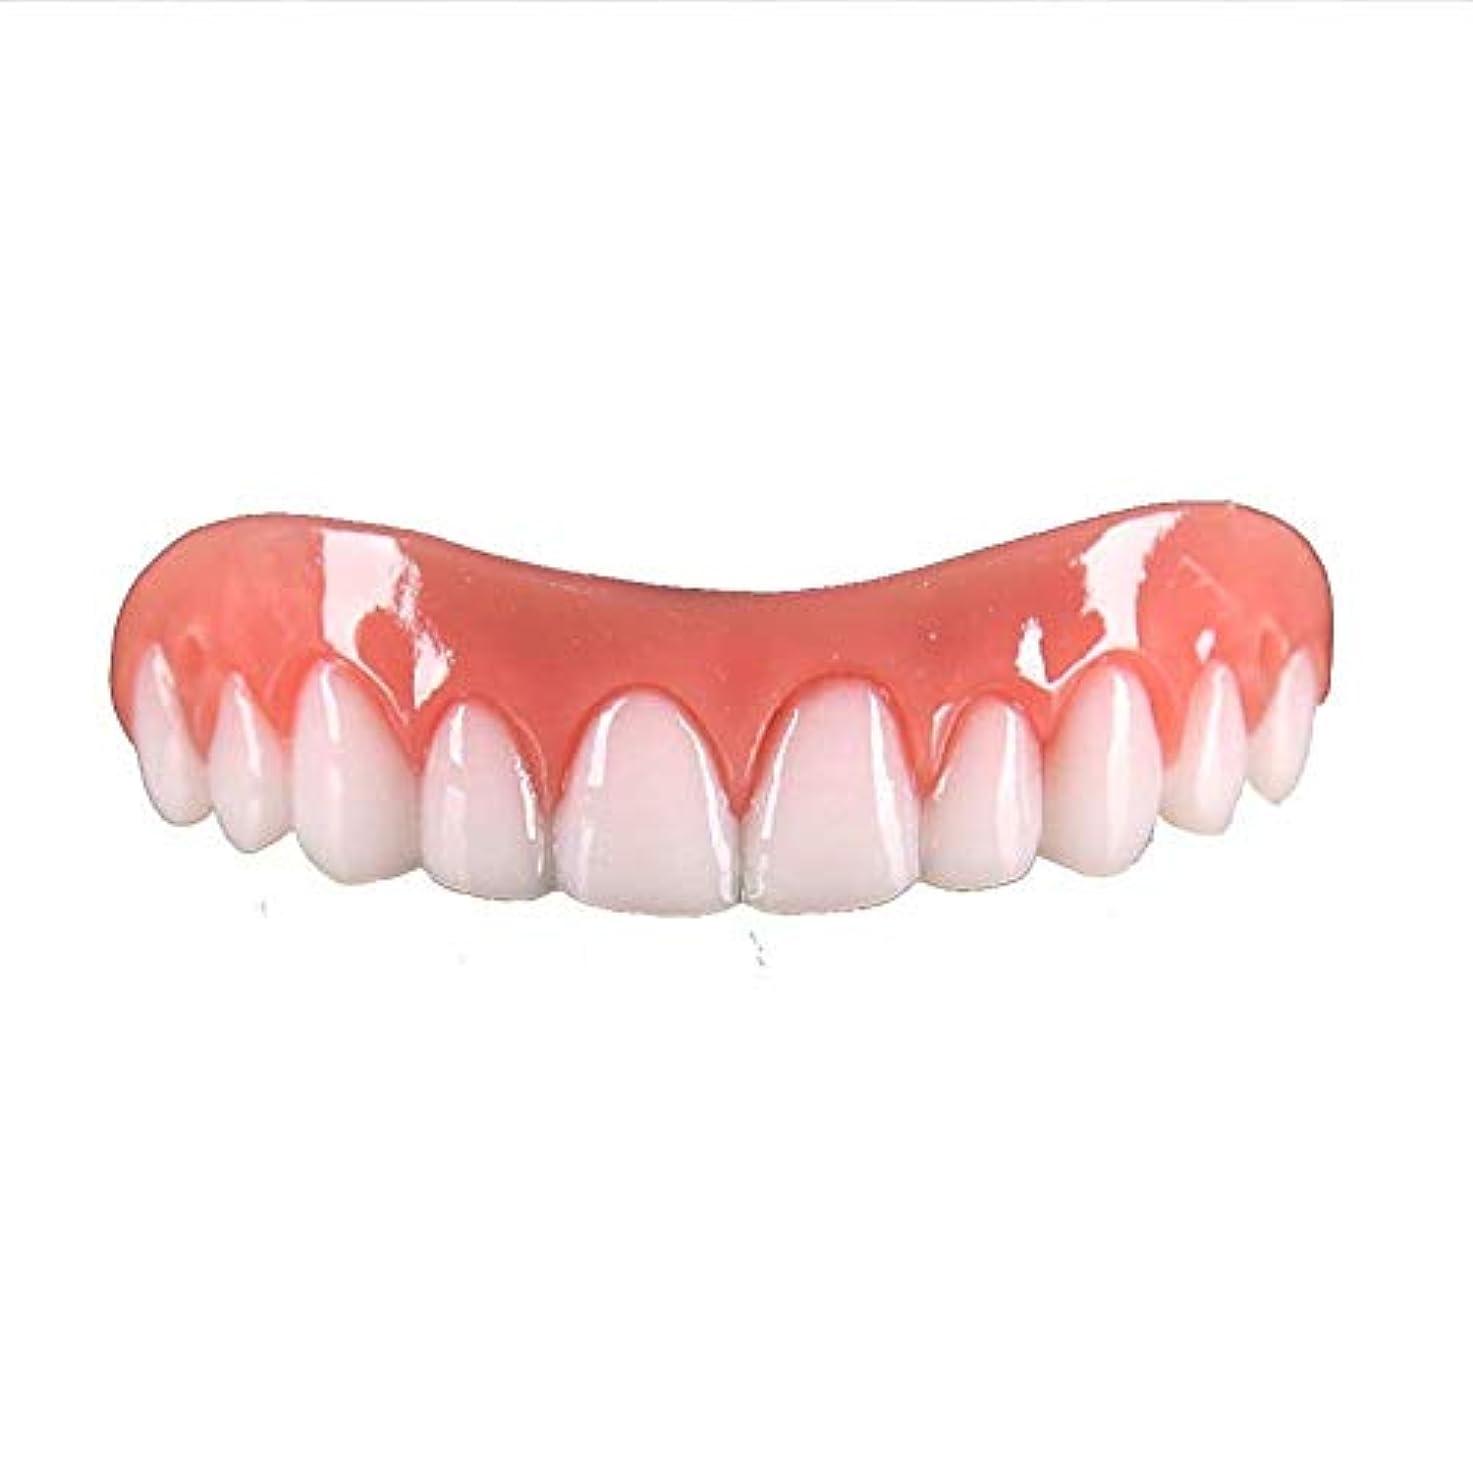 上段ホワイトシリカゲルシミュレーション義歯プラスチックパーフェクトフィットスナップオンスマイル義歯歯セット